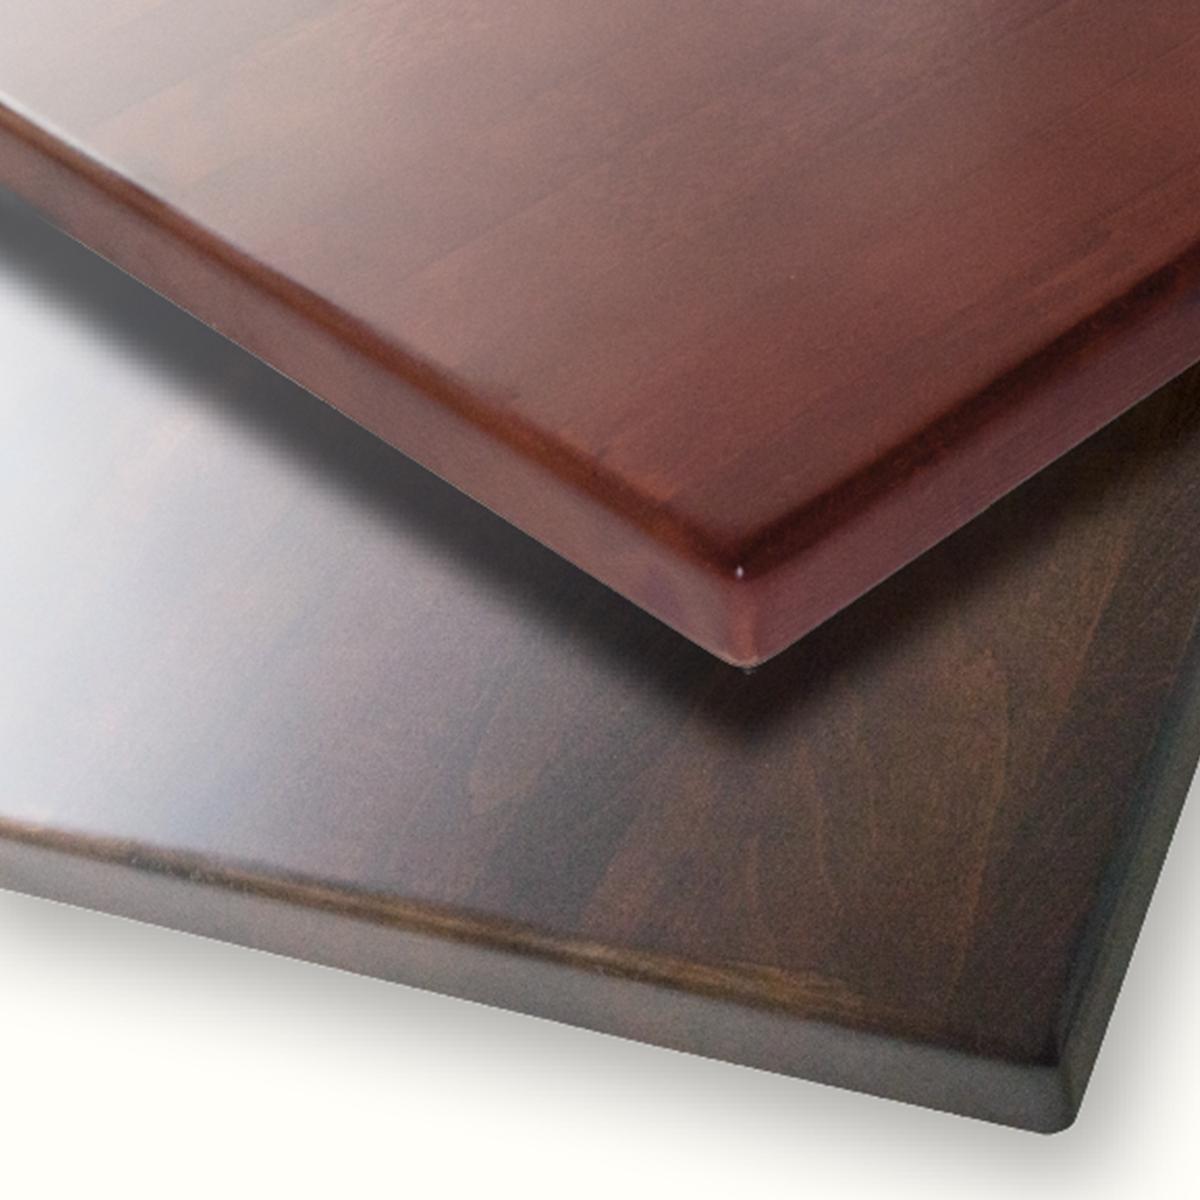 1.5 Solid German Beech Wood Tops